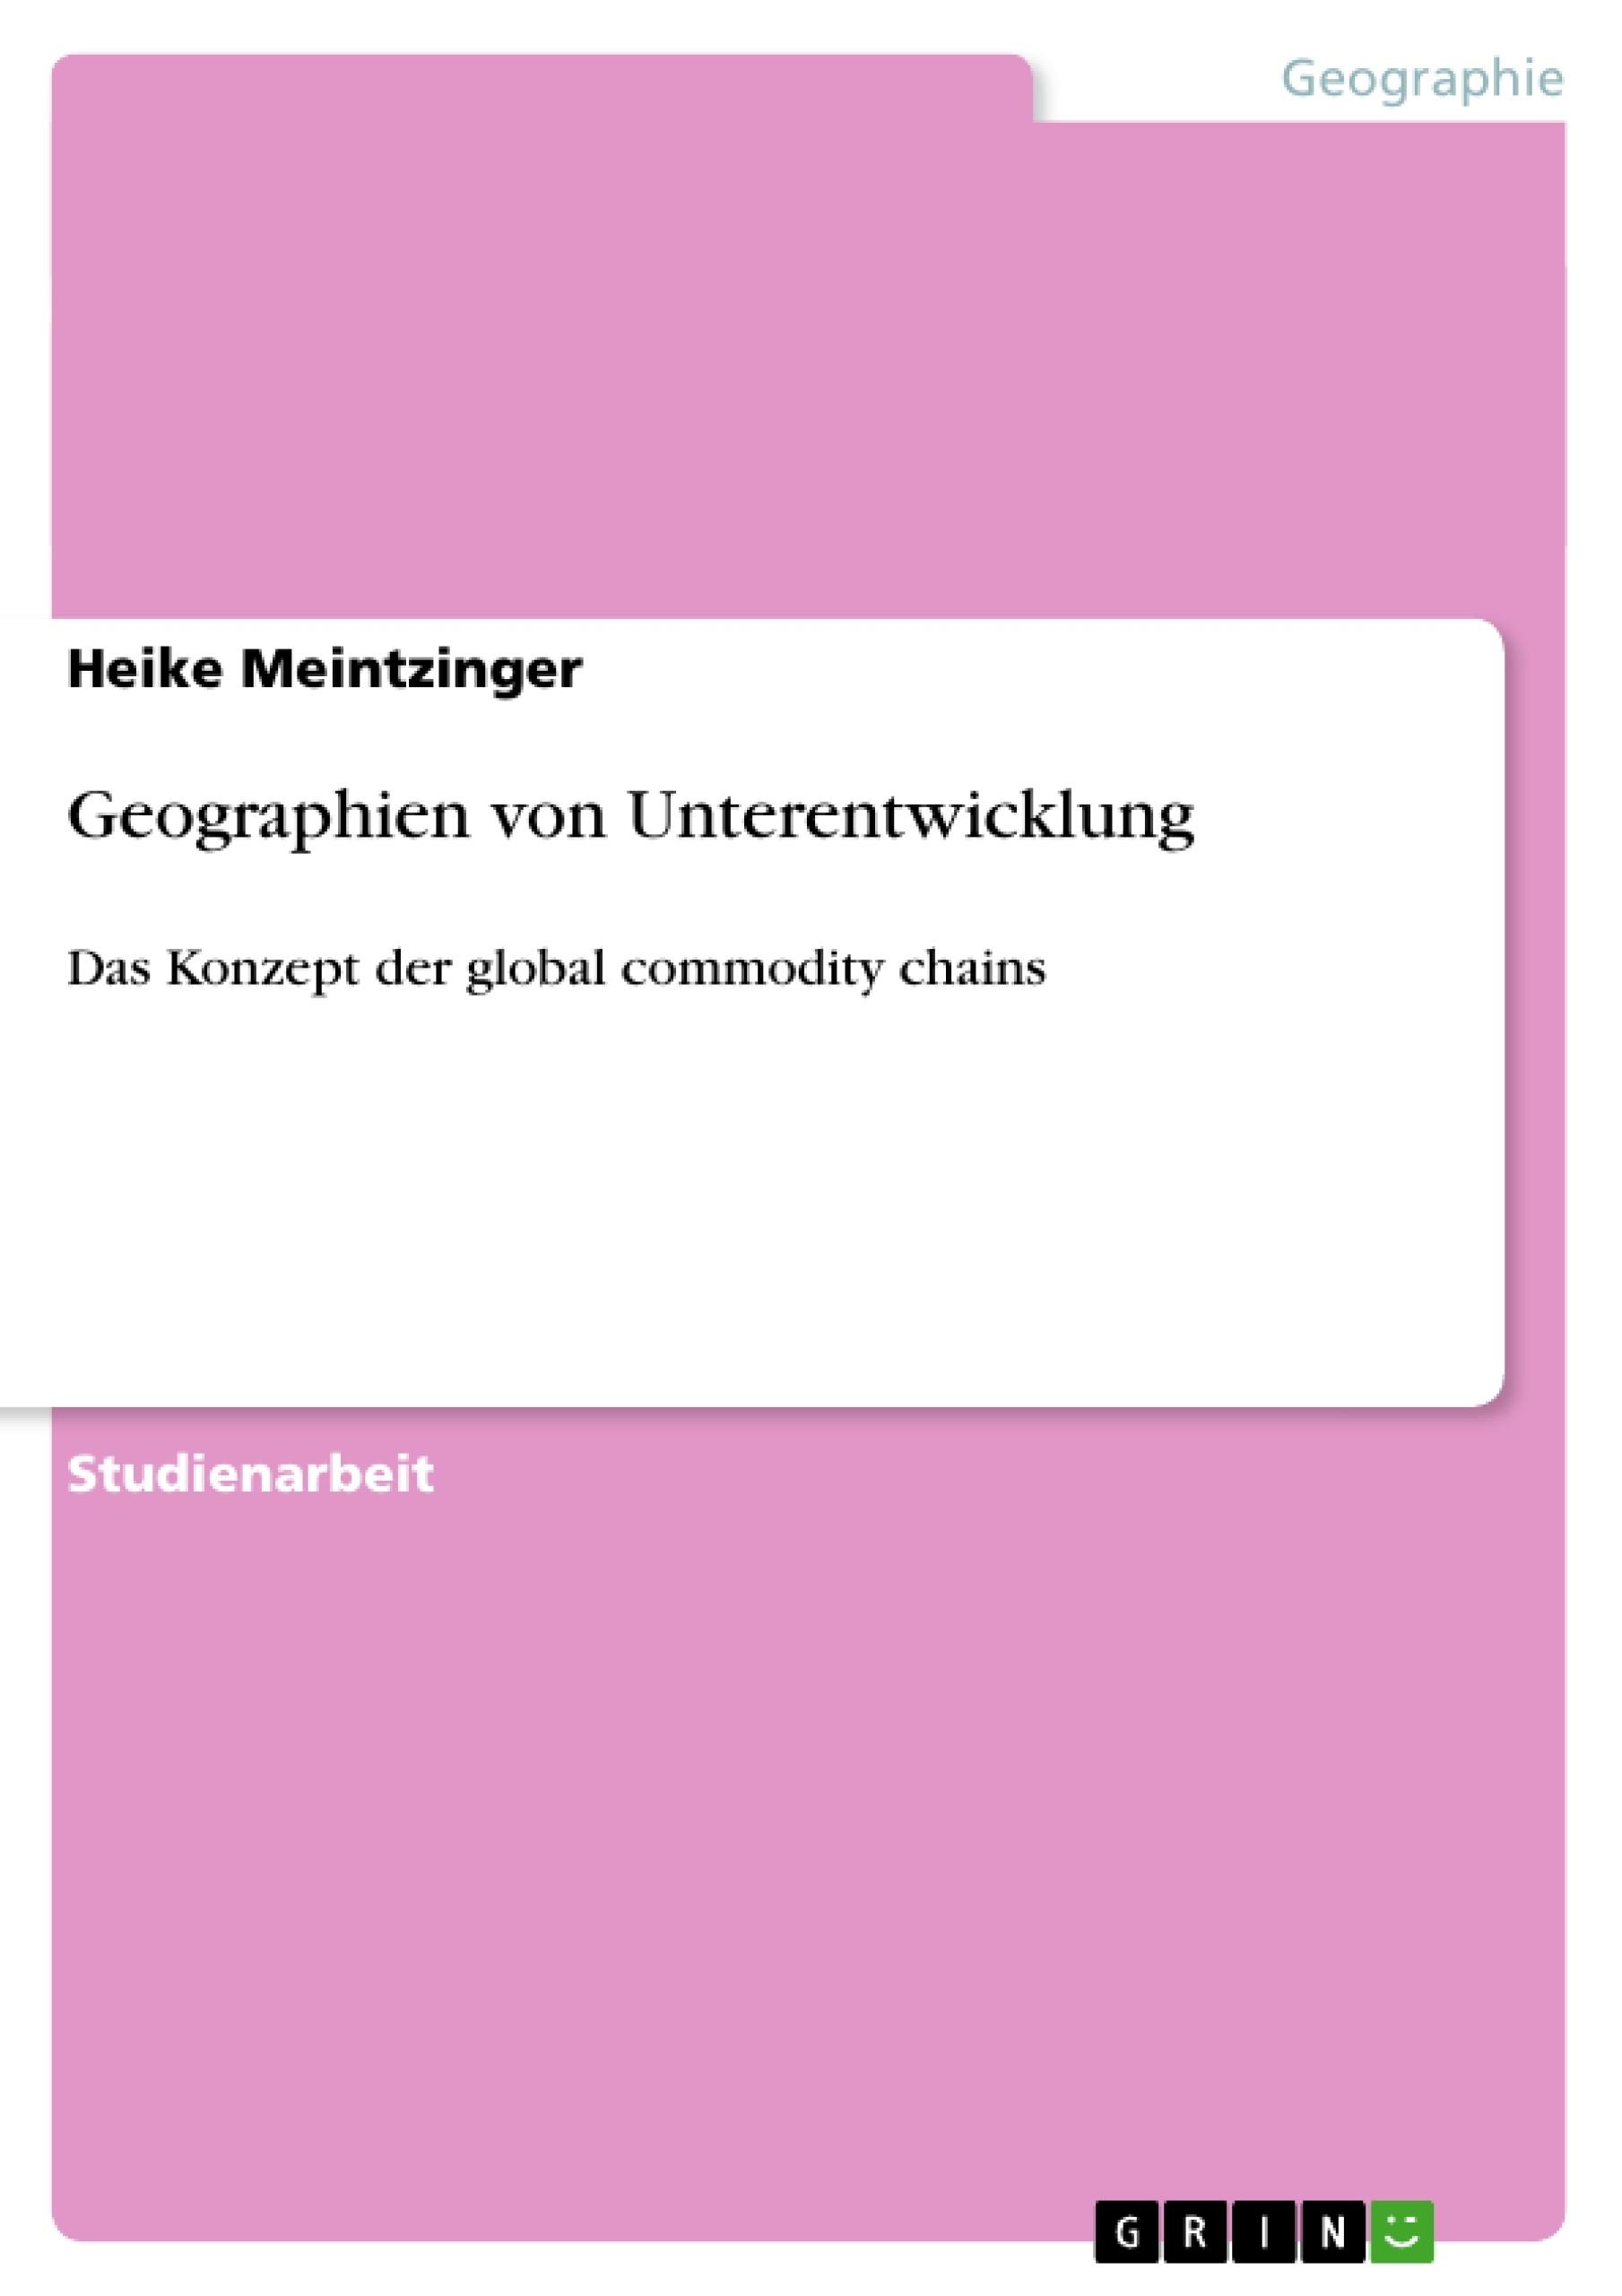 Titel: Geographien von Unterentwicklung